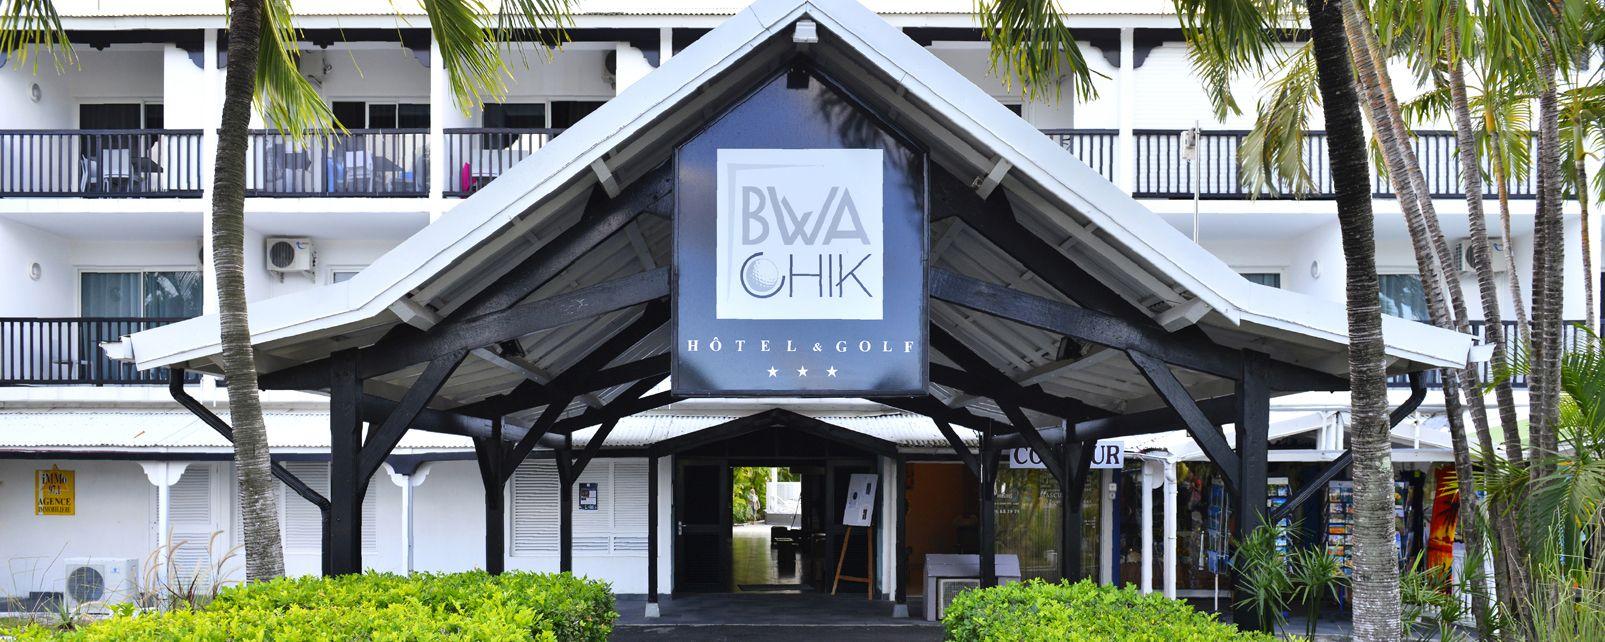 Hôtel Bwa Chik Hôtel Golf